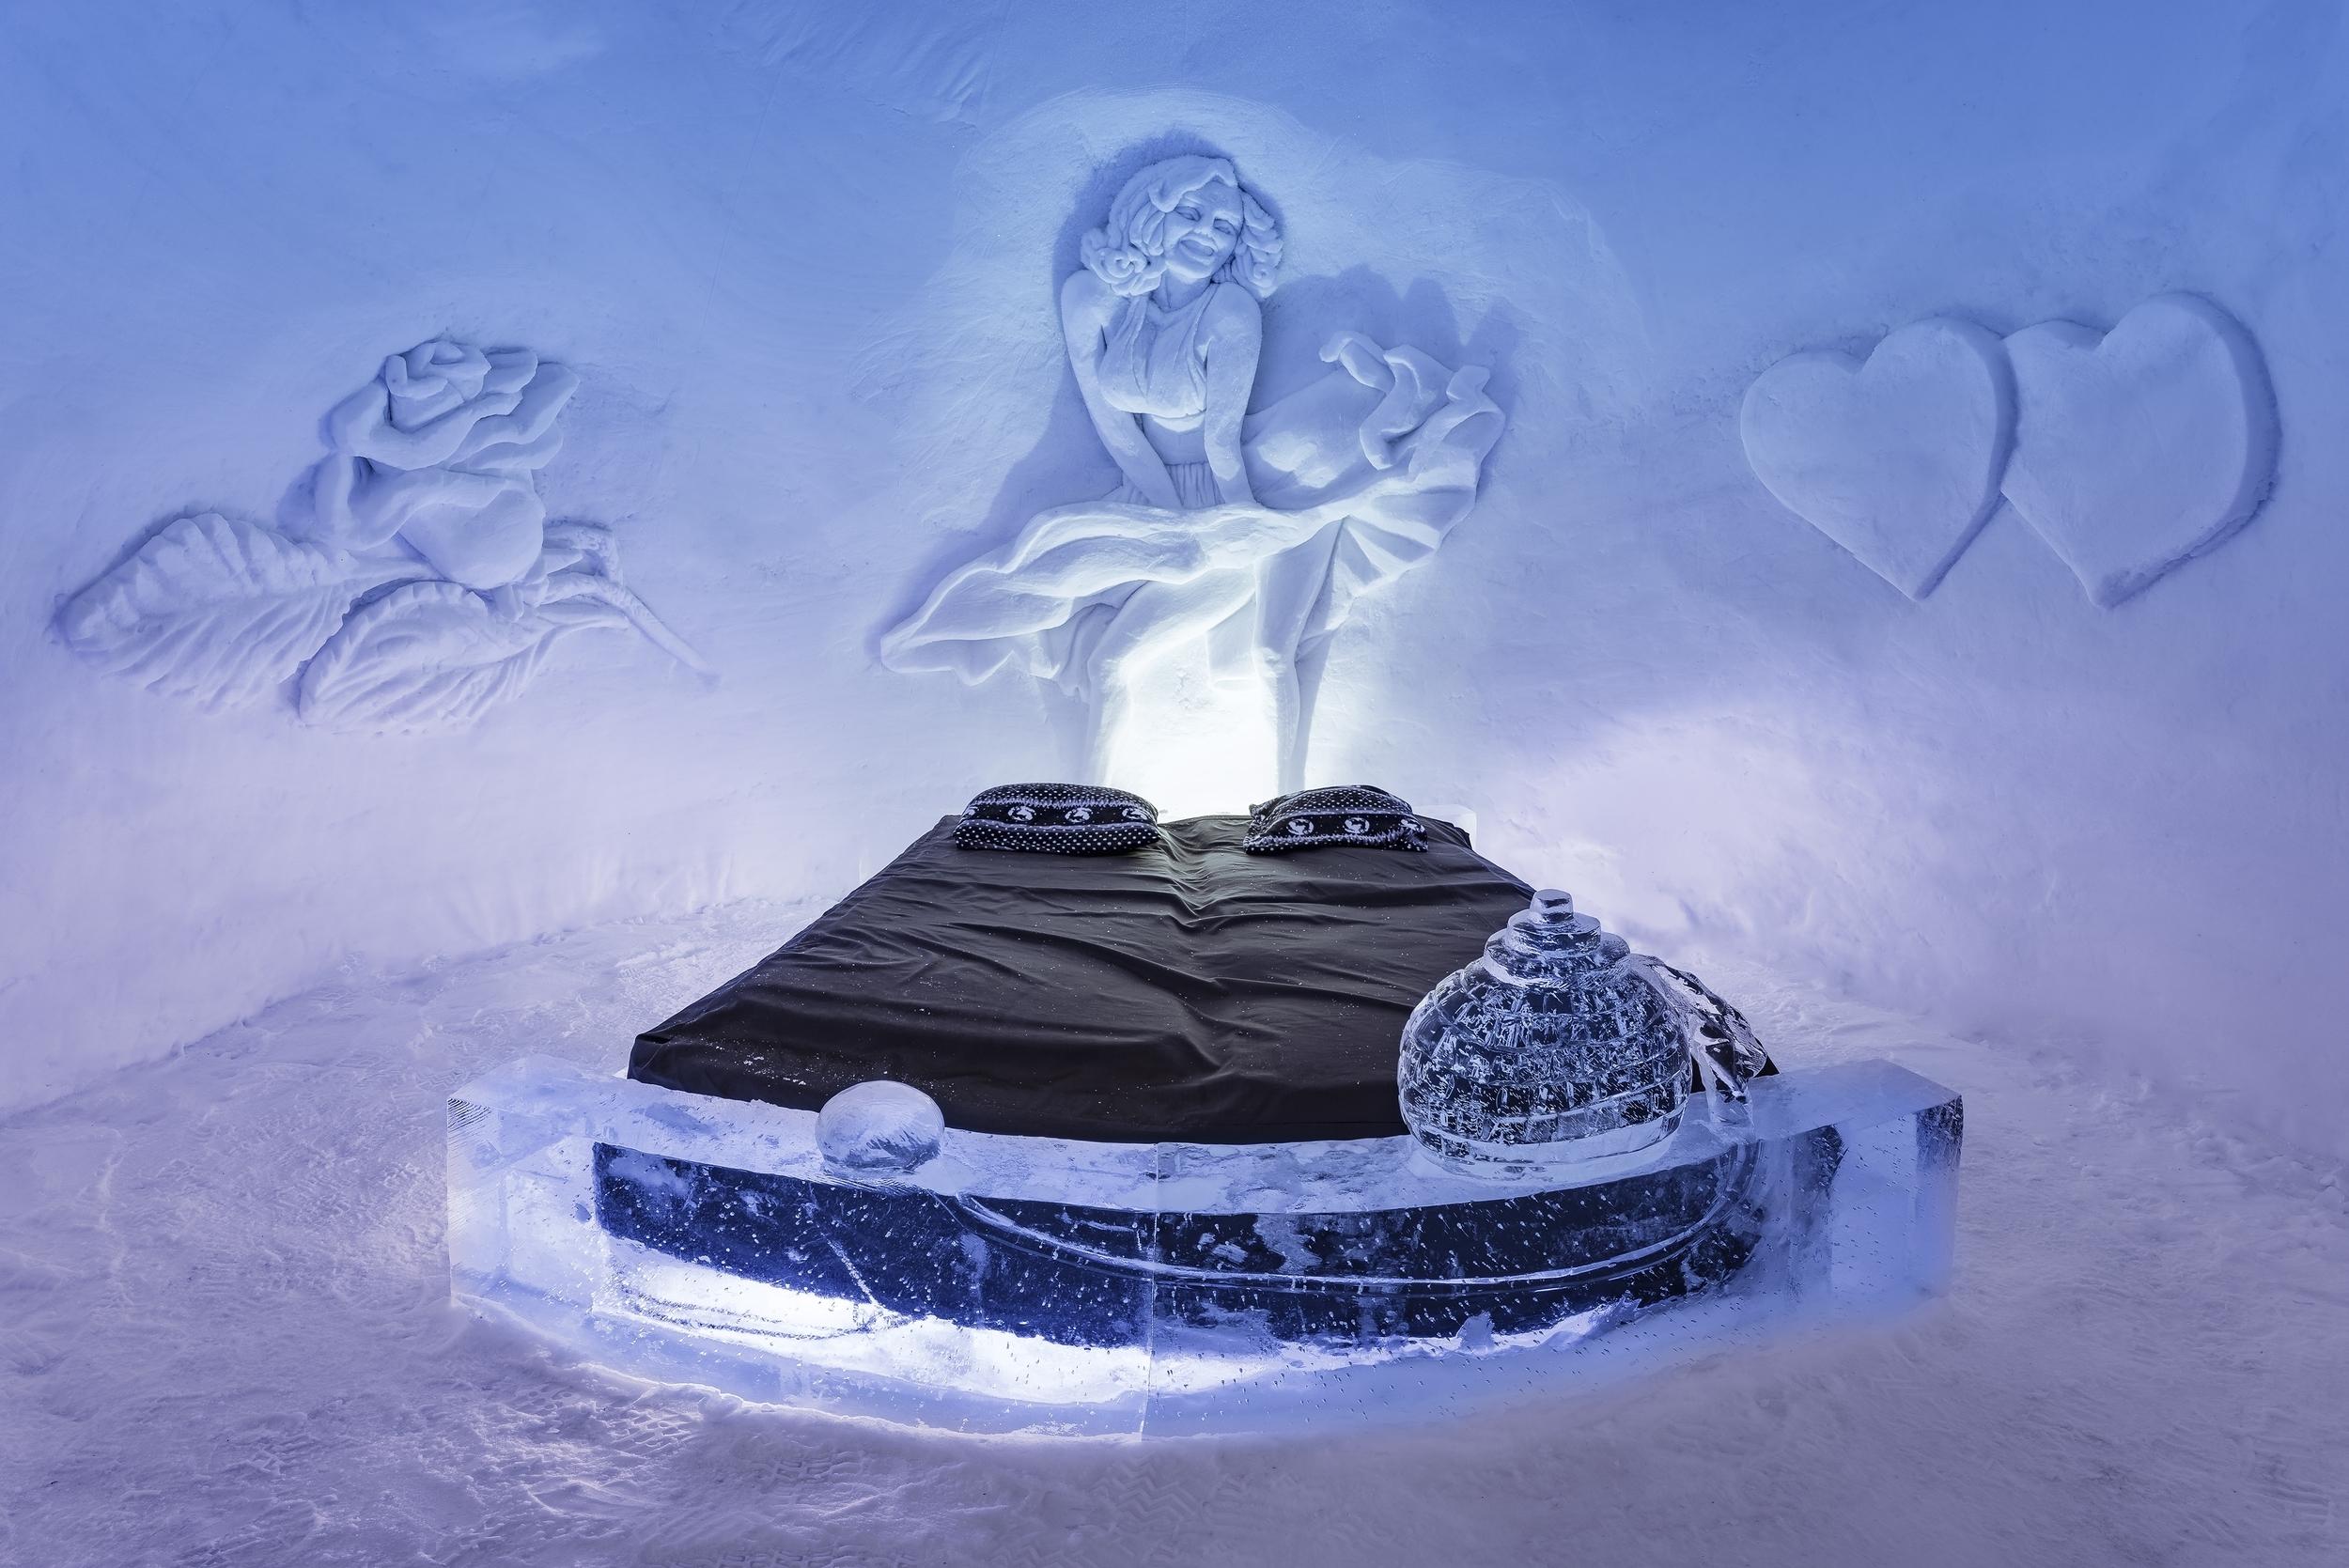 Seng av is Kirkenes Snowhotel